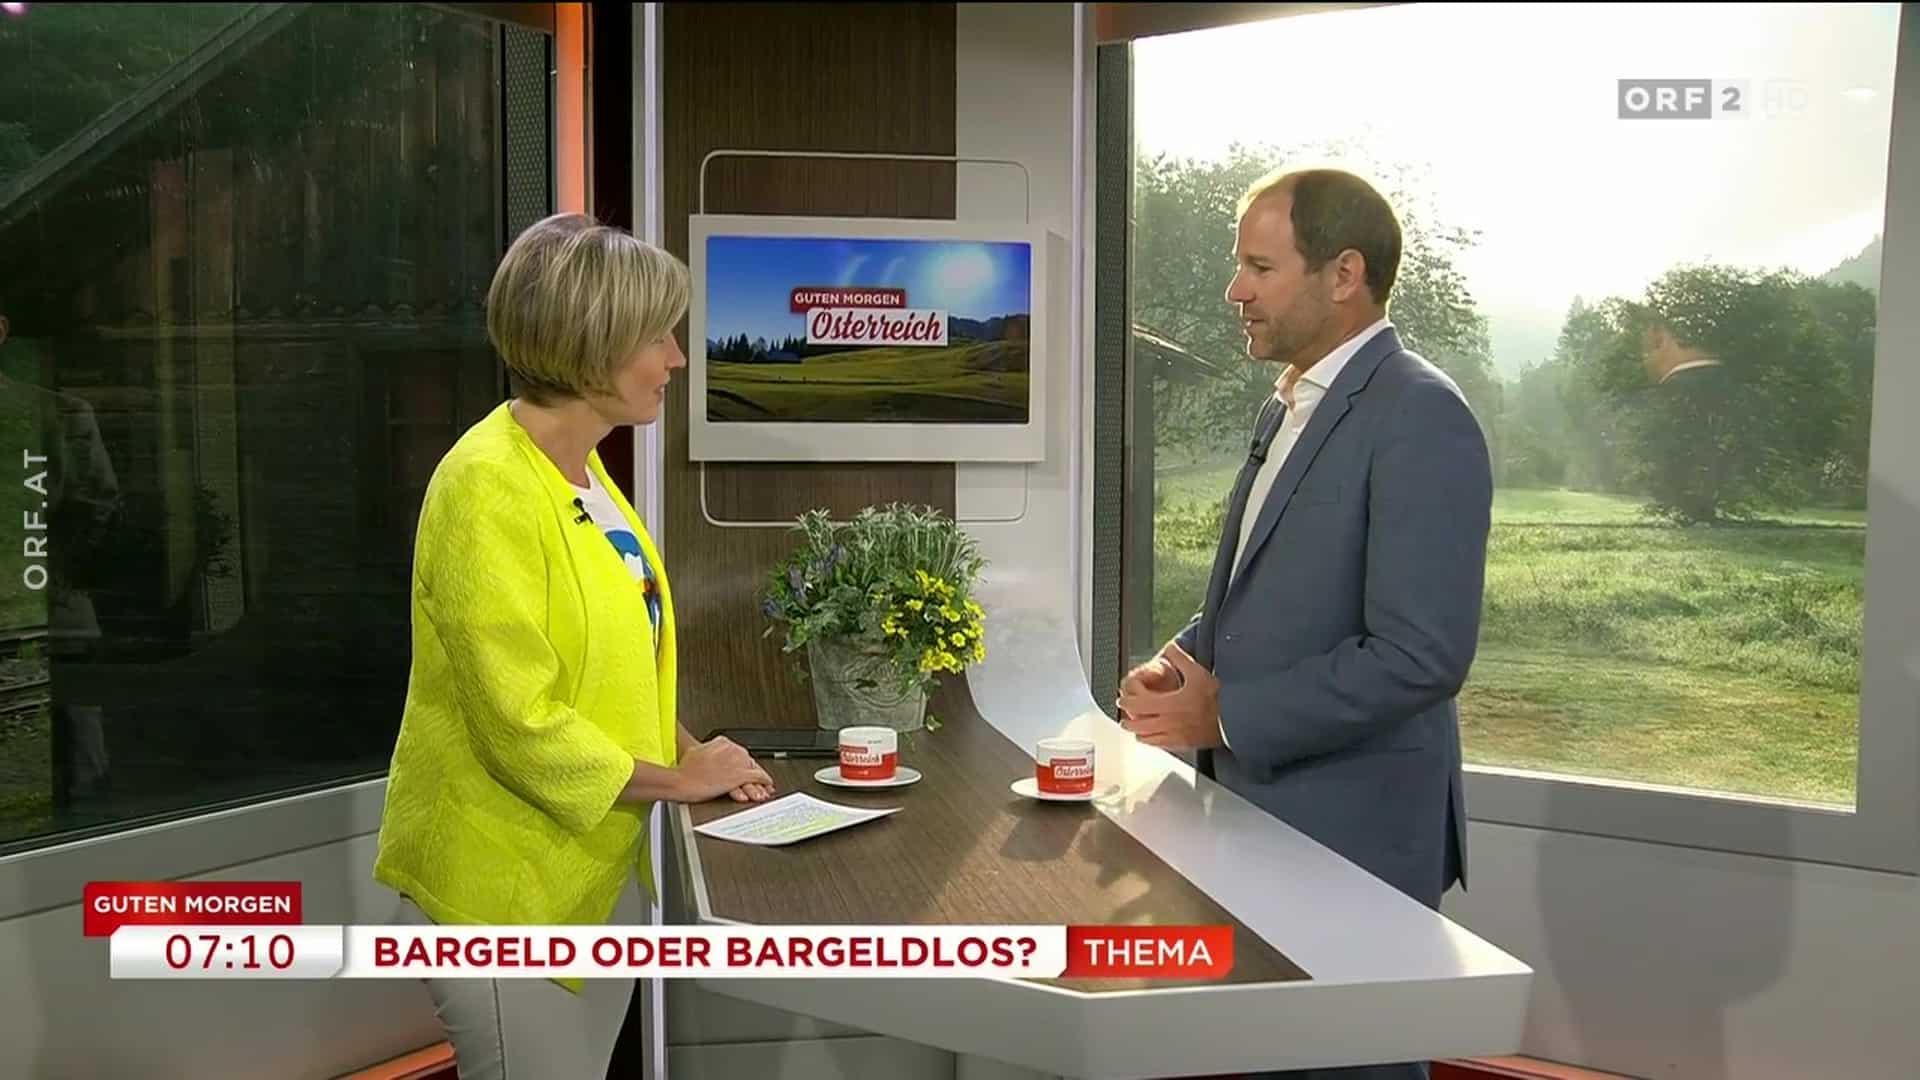 Guten Morgen Österreich: Bargeld oder Bargeldlos?